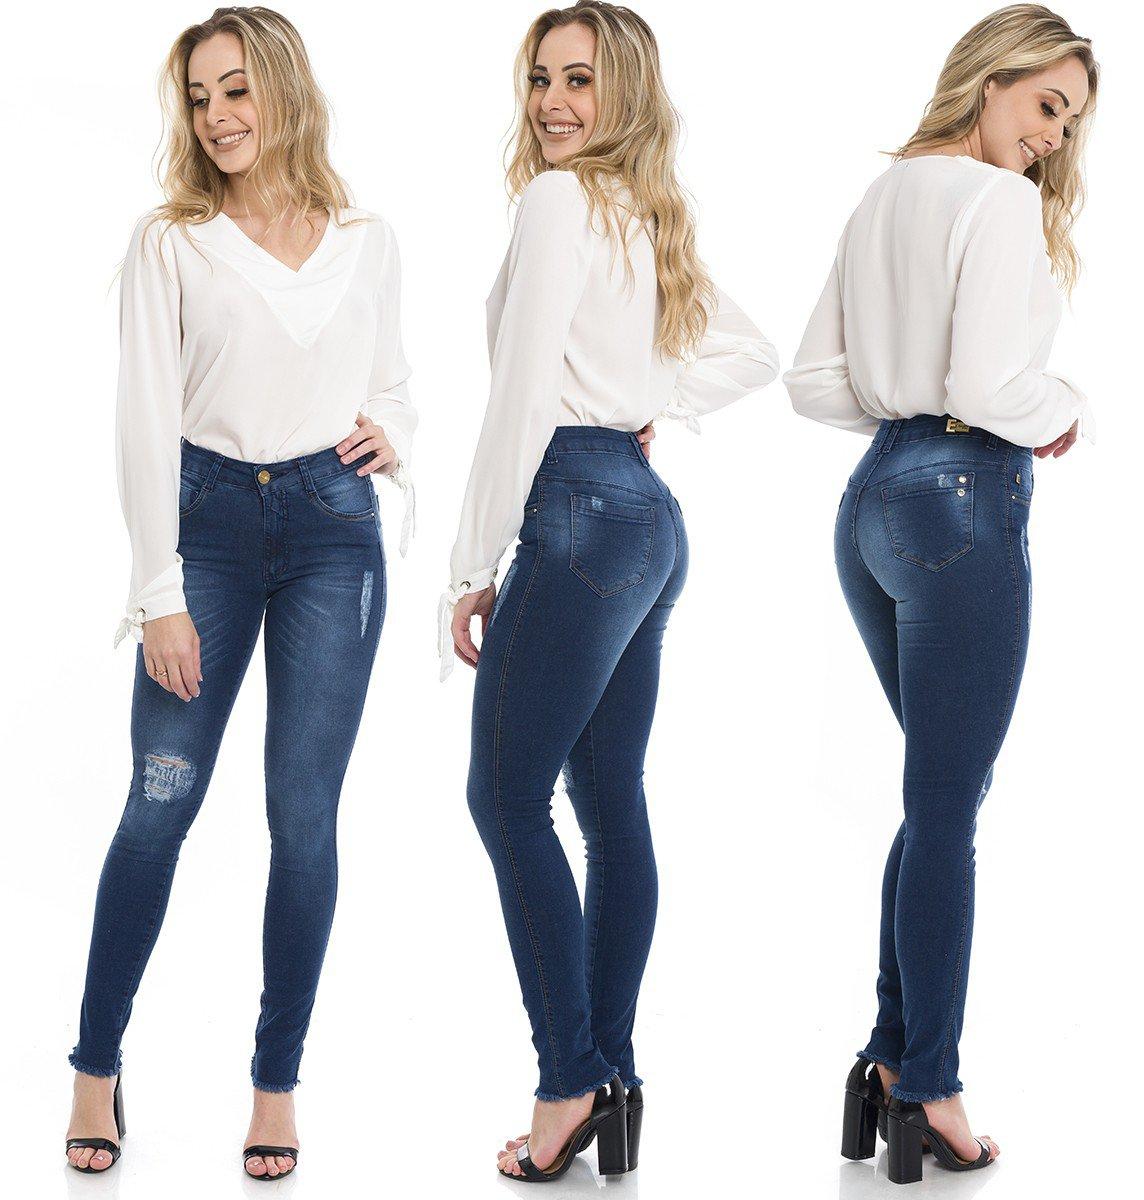 1212008 Calça Jeans Feminina Skinny Escura Barra Desfiada (Completa)